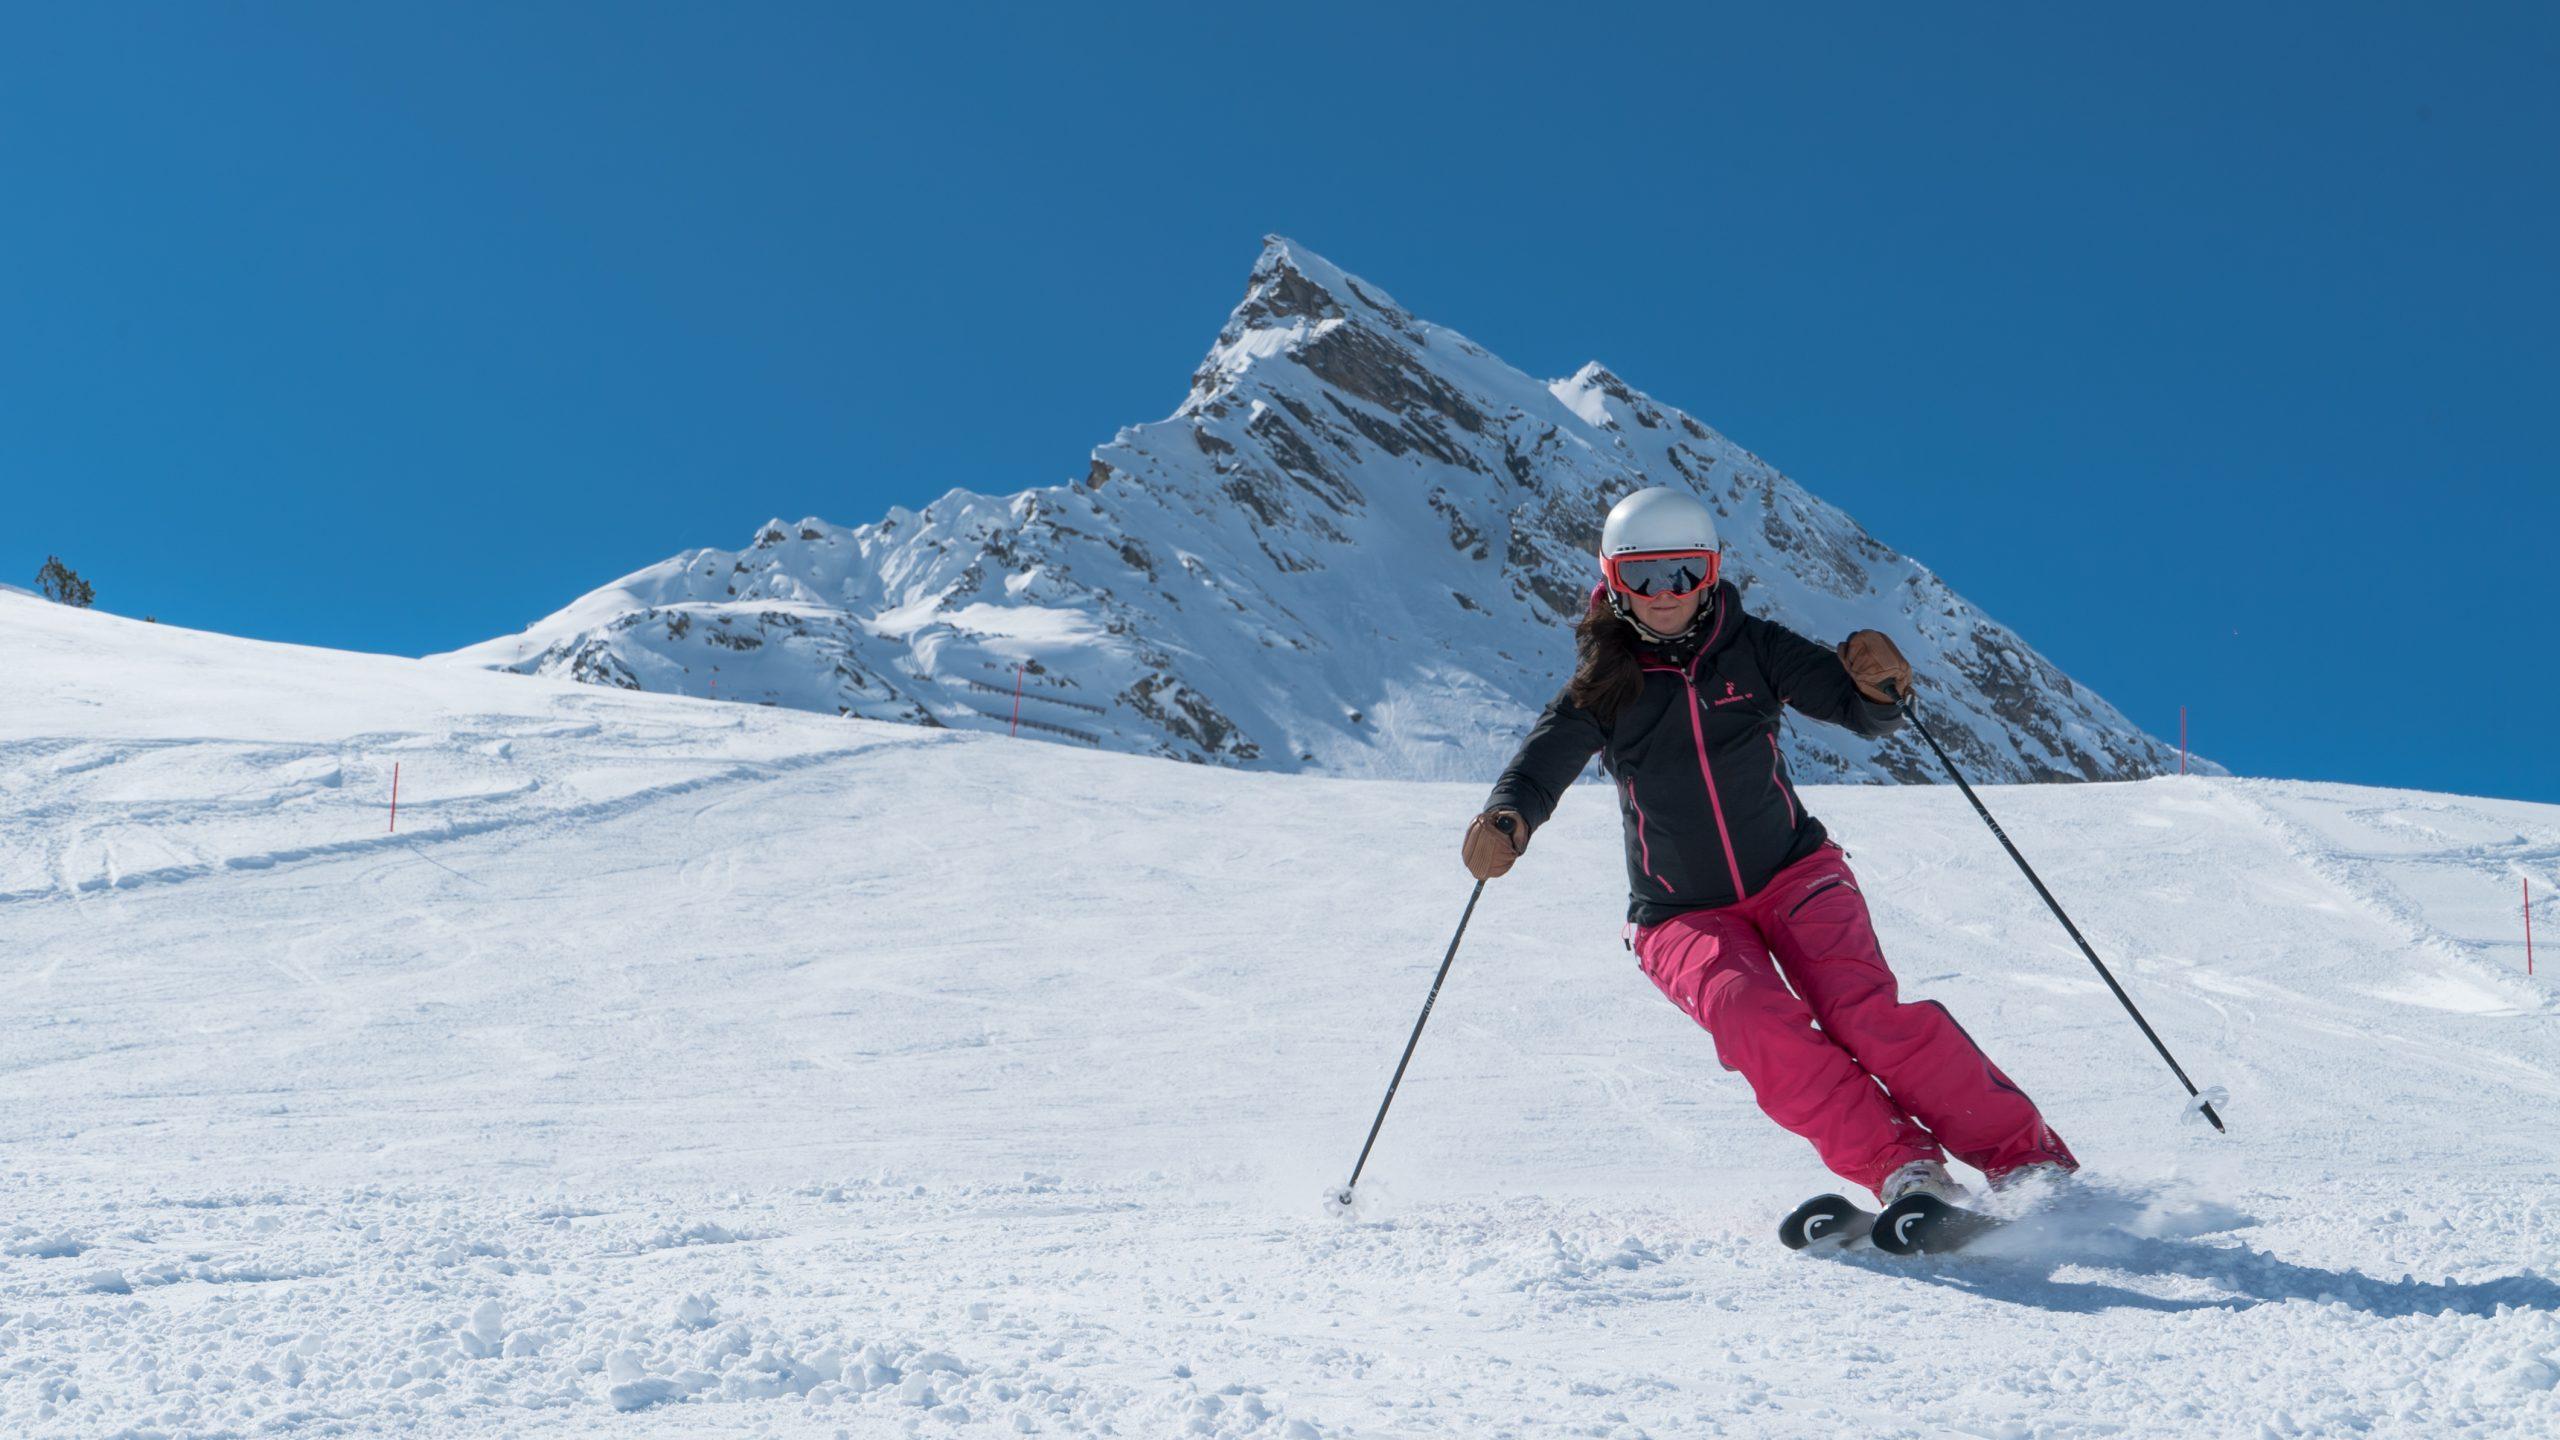 Schneesicher Skifahren im Tiroler Luftkurort Galtür, Paznauntal, Tirol, Österreich